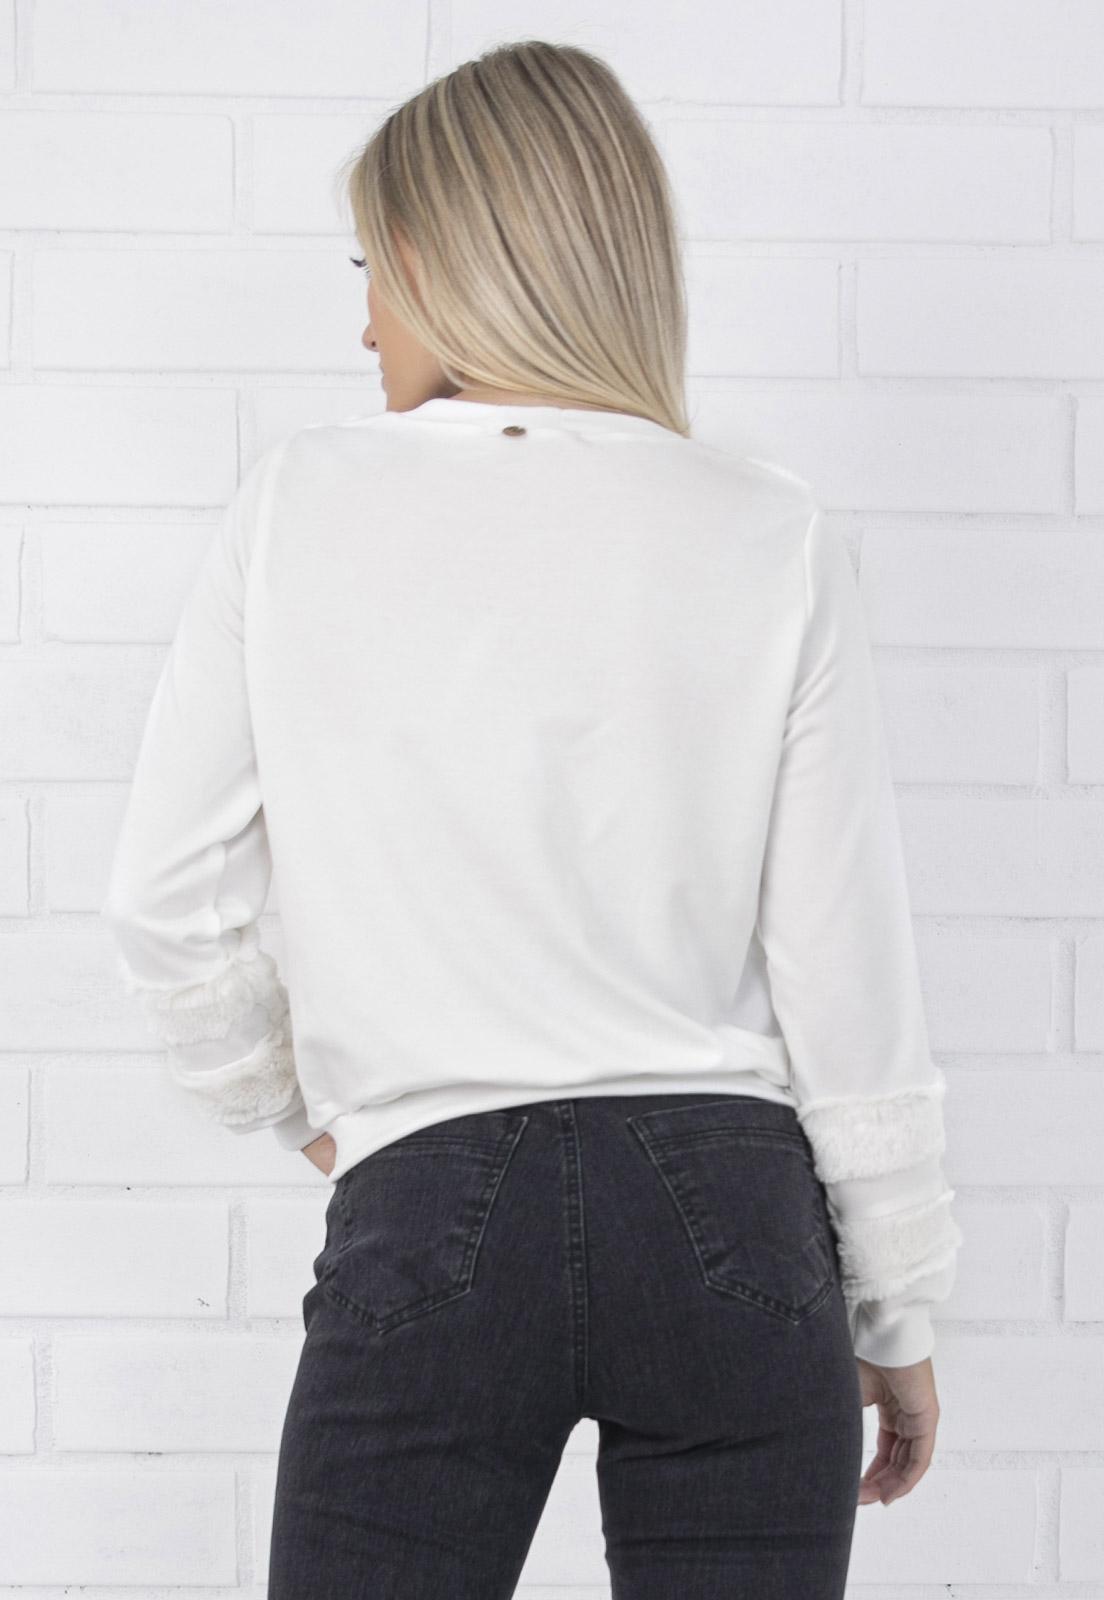 Blusa Moletom Feminina com Detalhes em Pelo Off White Pkd